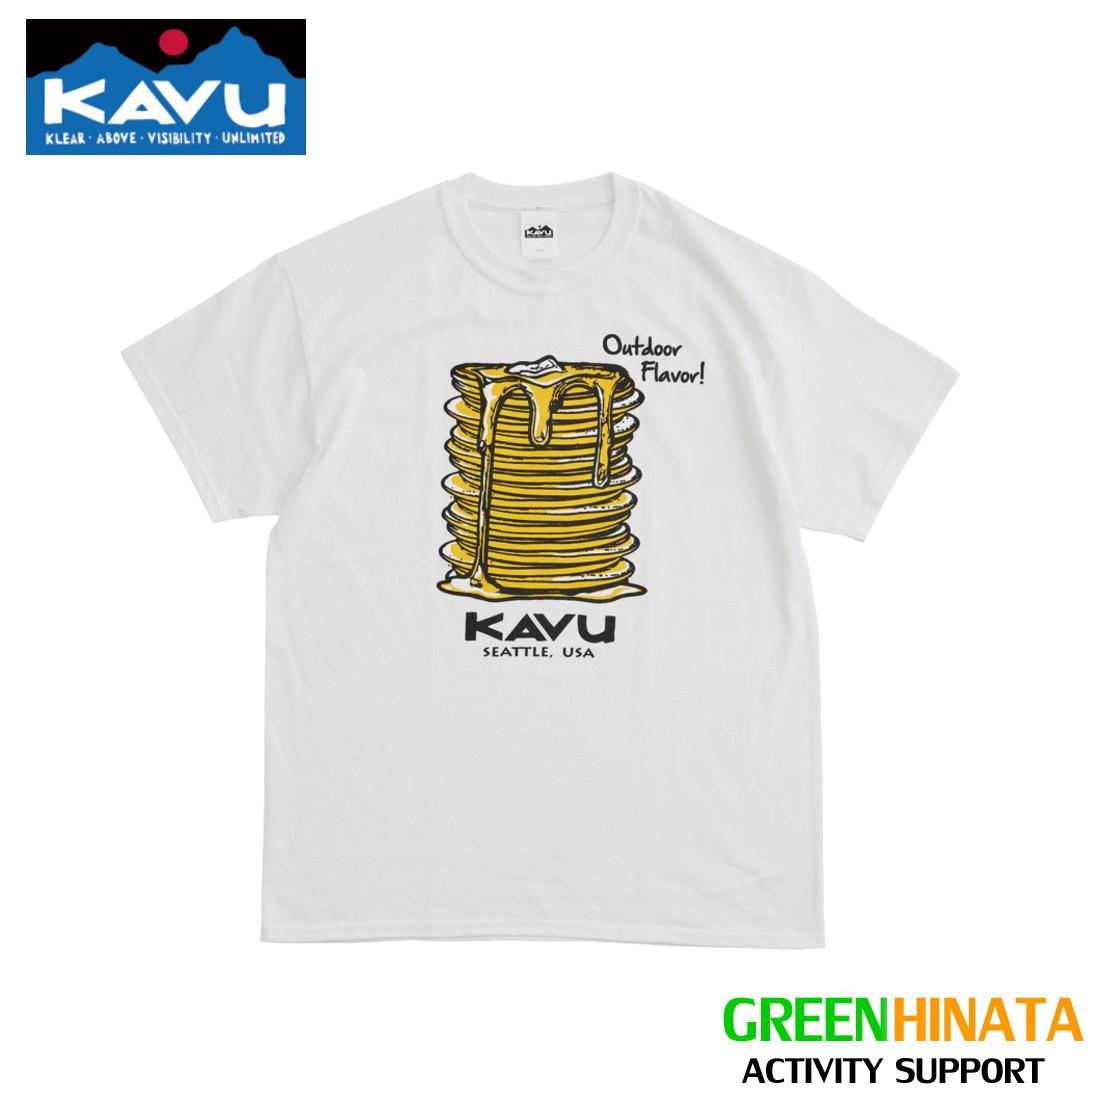 カブー パンケーキ Tee ティーシャツ ロゴT  自社在庫品